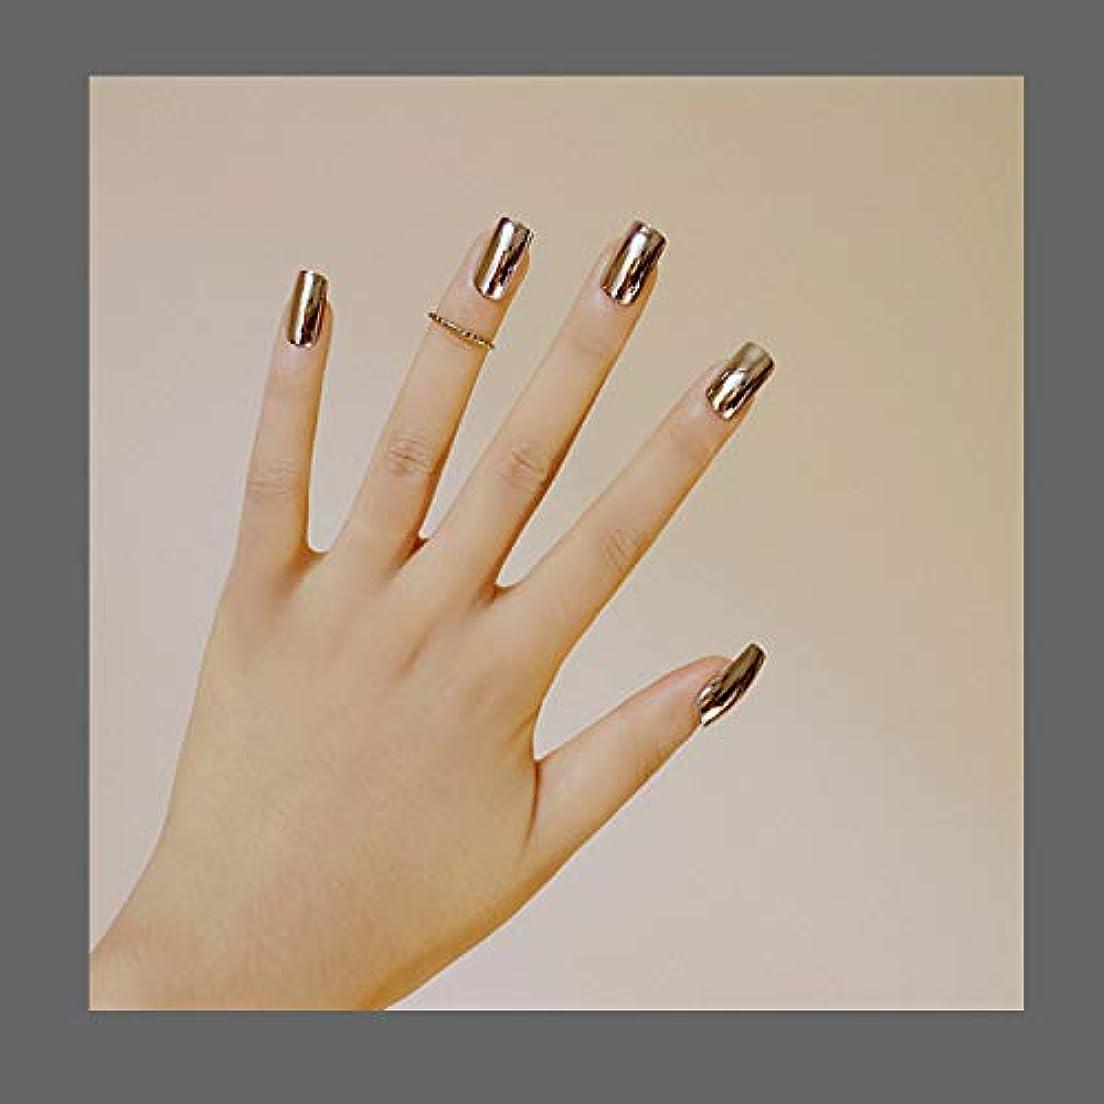 木製洪水コロニー欧米で流行るパンク風付け爪 色変化のミラー付け爪 24枚付け爪 フラットヘッド 銀